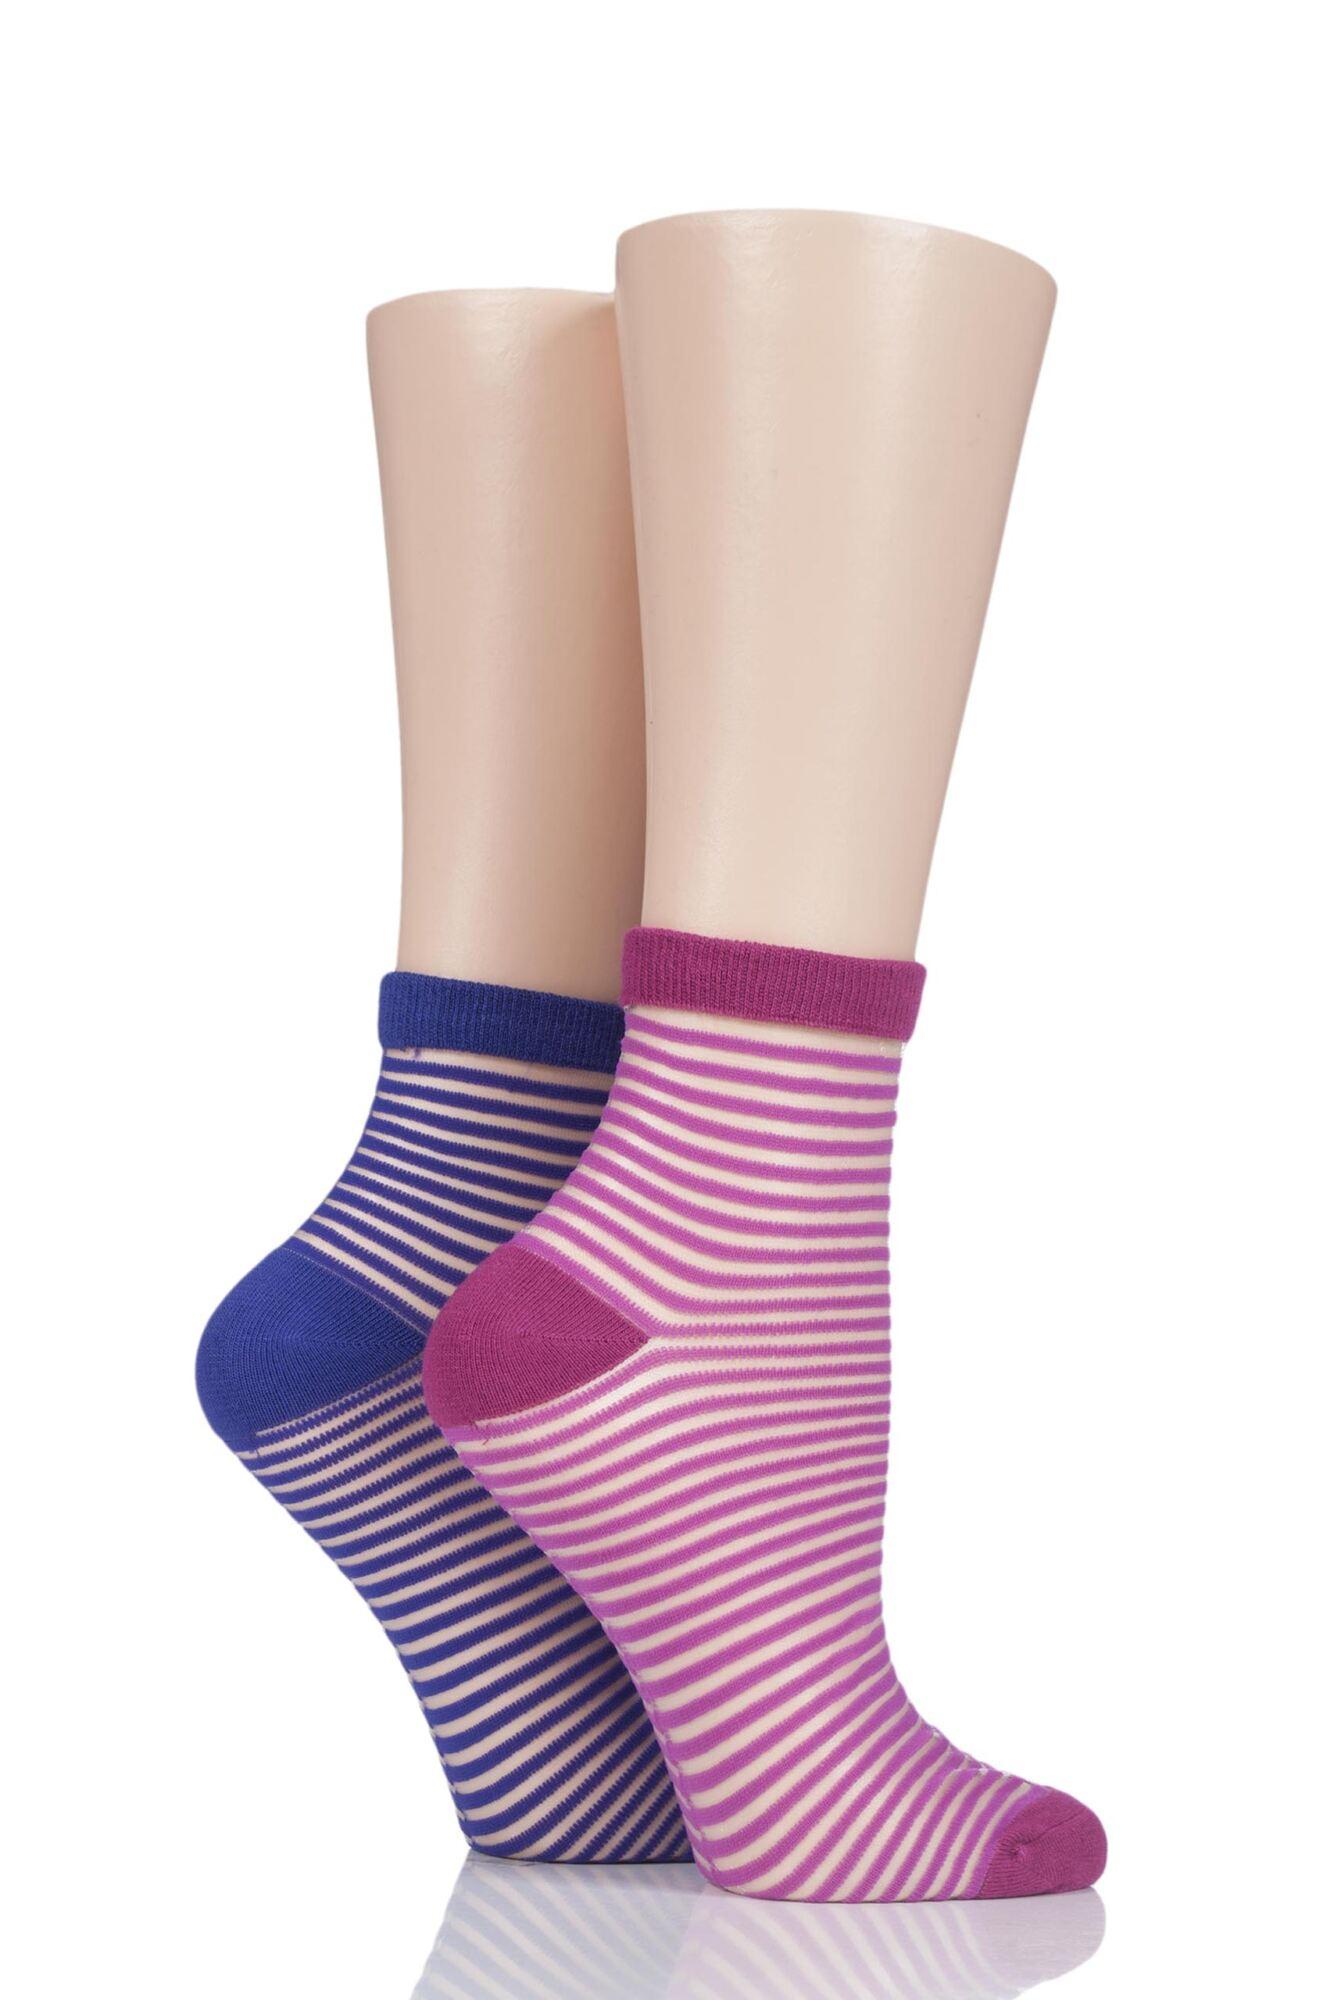 2 Pair Sheer Stripe Bamboo Anklet Socks Ladies - Elle